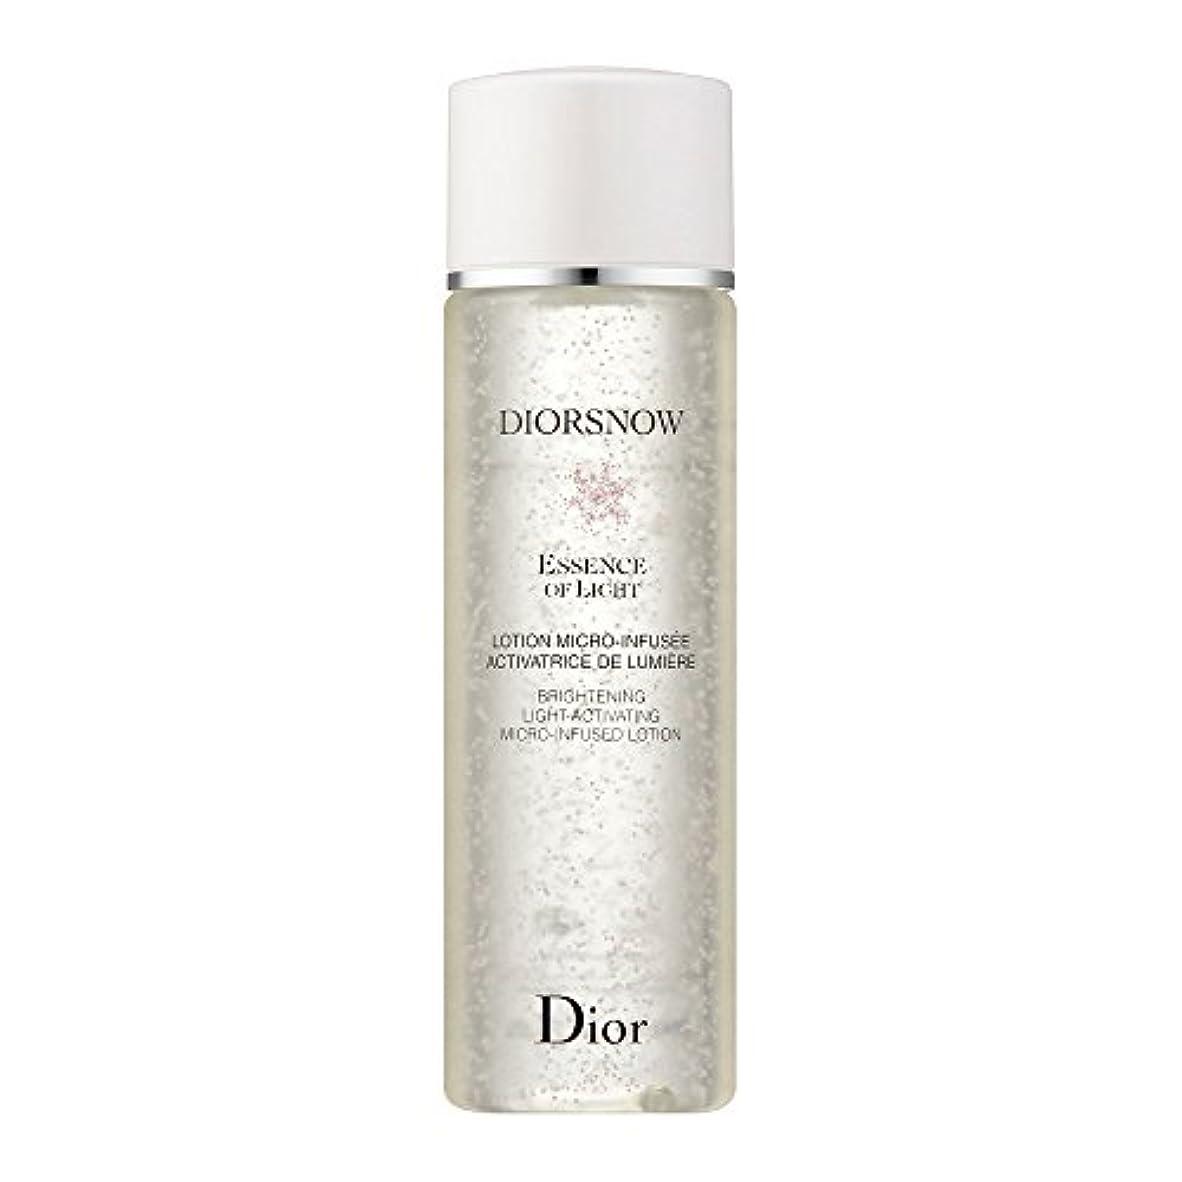 有効な集団弾力性のあるクリスチャン ディオール(Christian Dior) スノー ブライトニング エッセンスローション 200ml[並行輸入品]